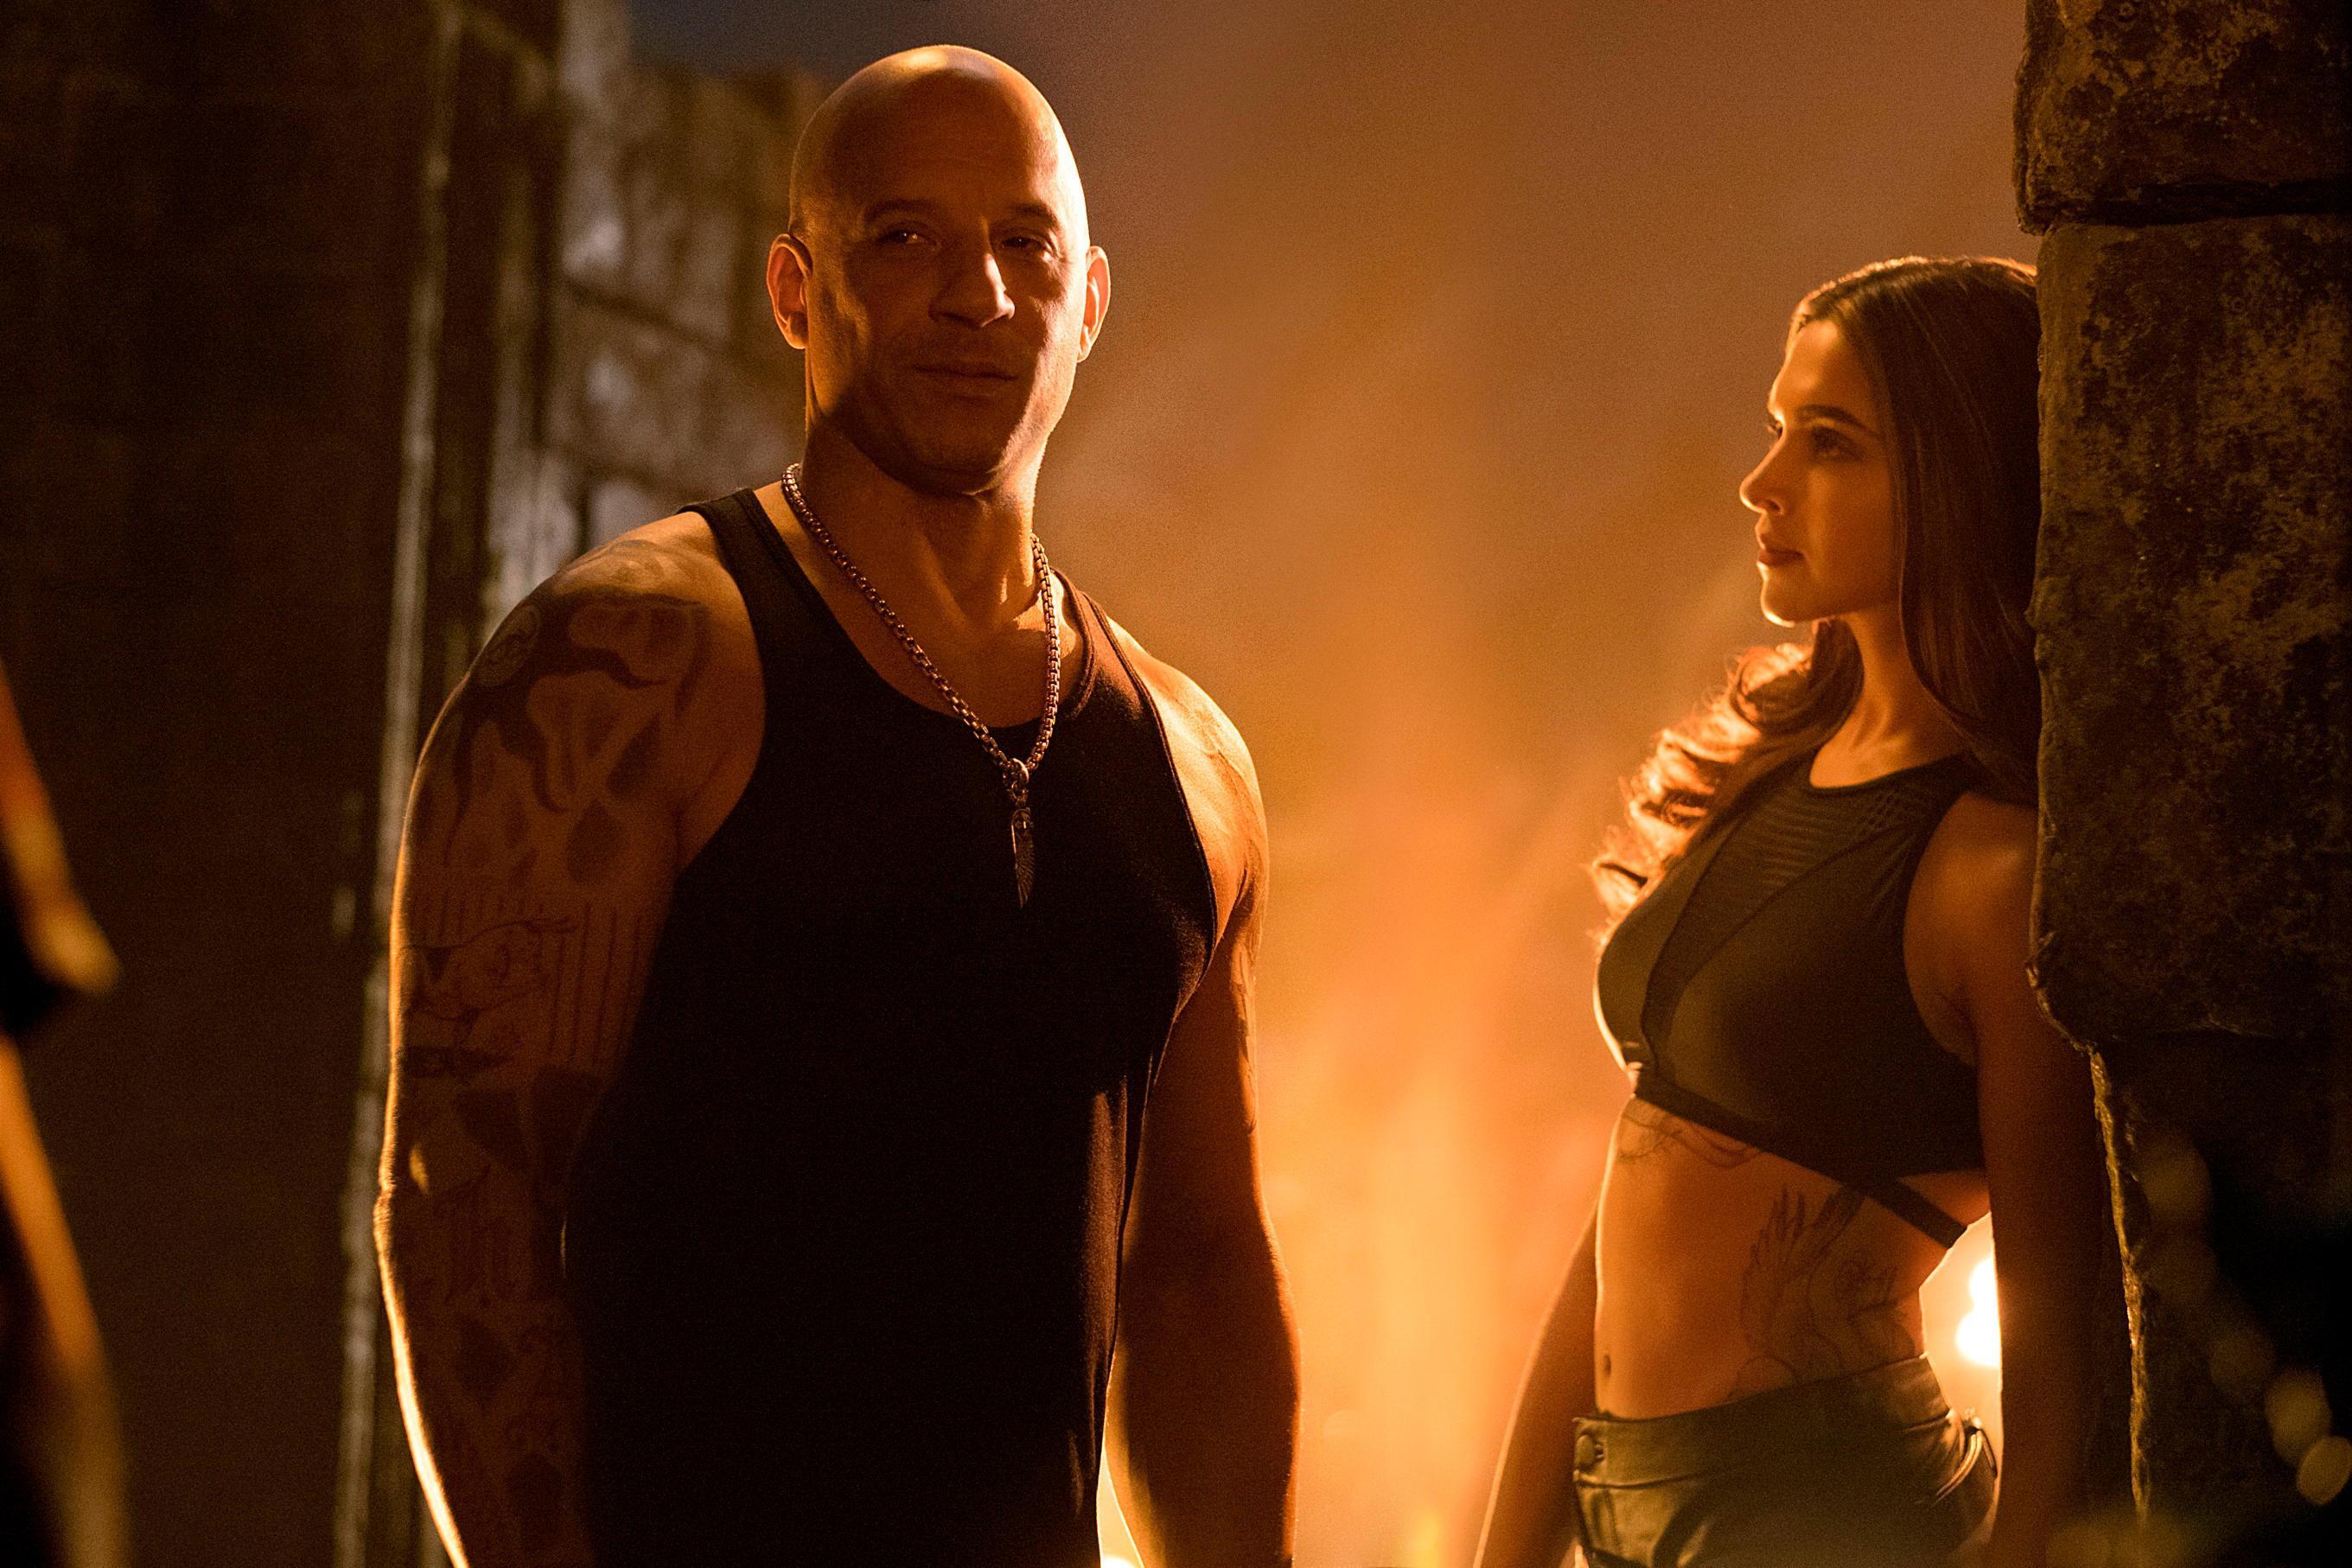 """Ești pregătit pentru acțiune și cascadorii nebunești? """"Triplu X: Întoarcerea lui Xander Cage"""" ne asigură porția de adrenalină, doar la Antena 1!"""